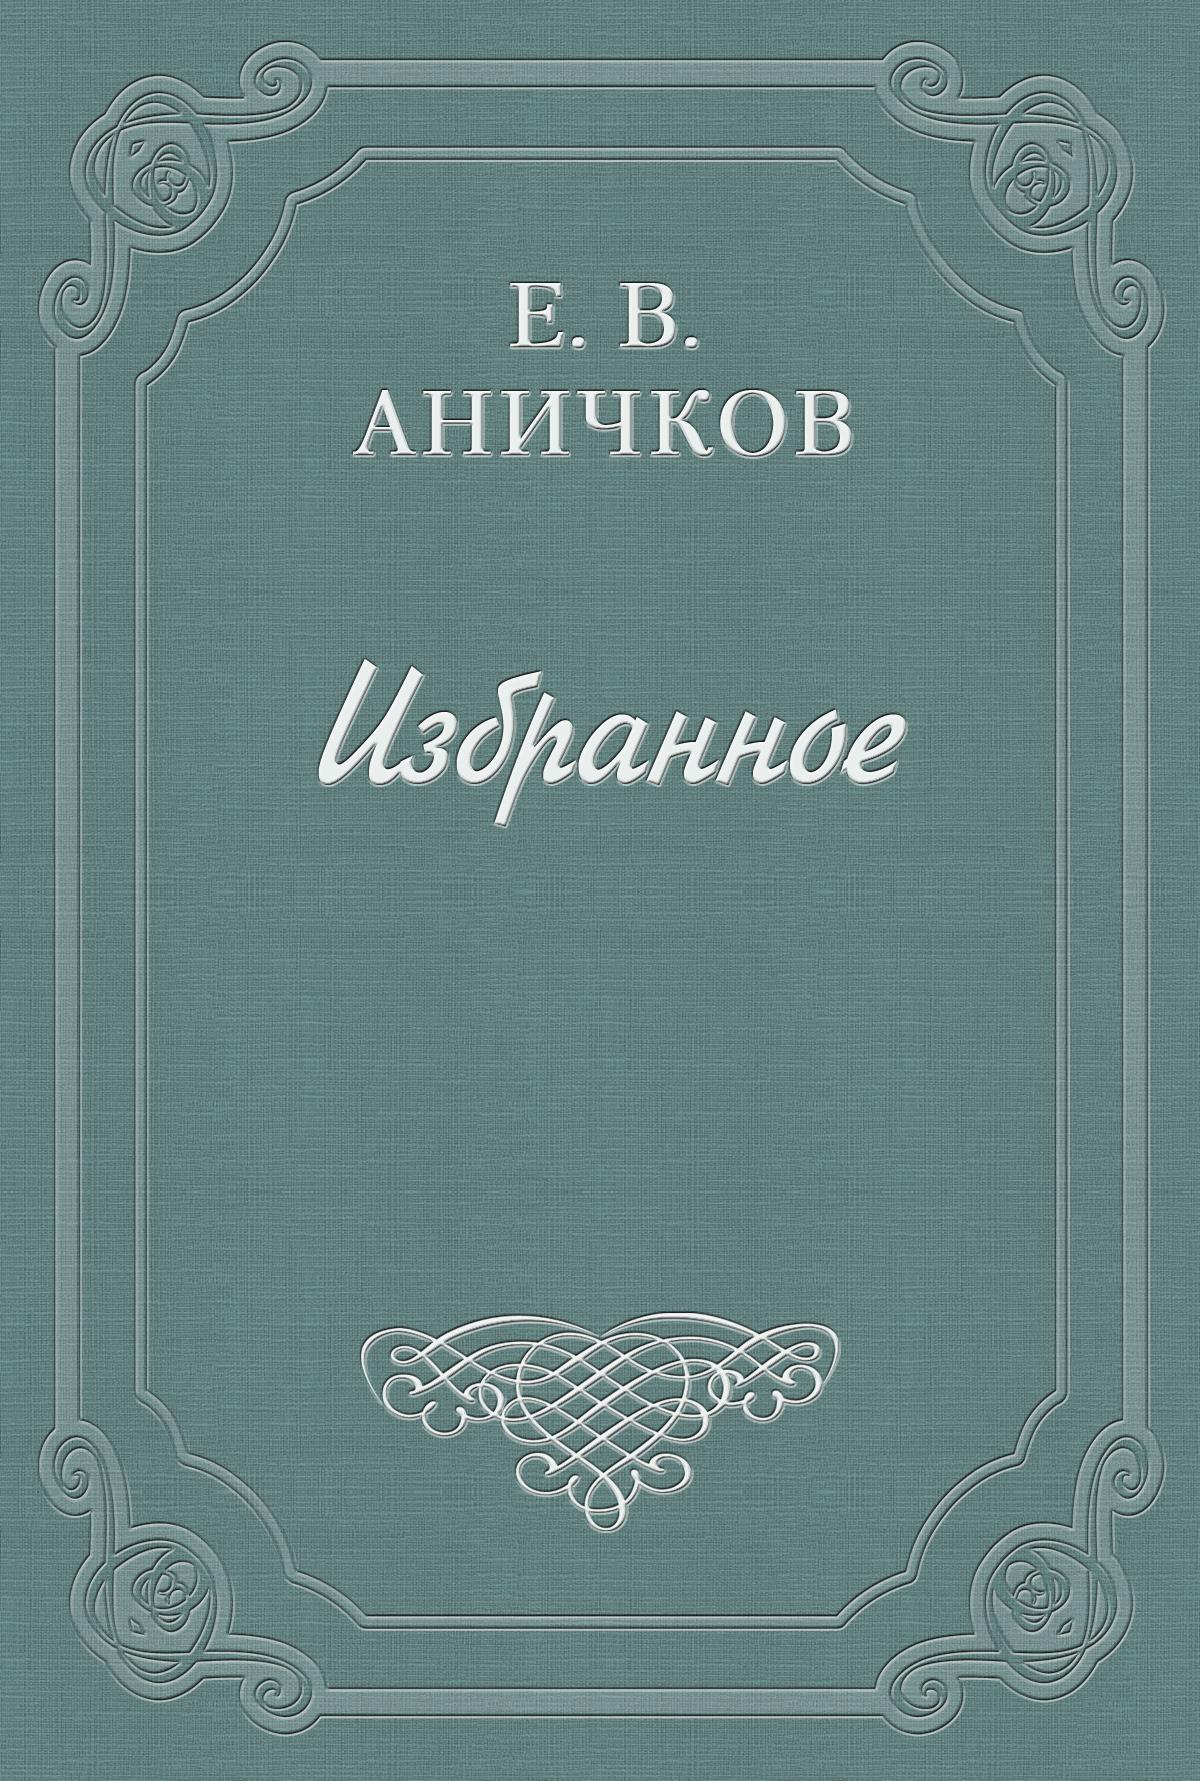 Евгений Аничков Шеридан, Ричард Бринслей аркадий застырец макбеты комедия ужасов в 25 сценах…